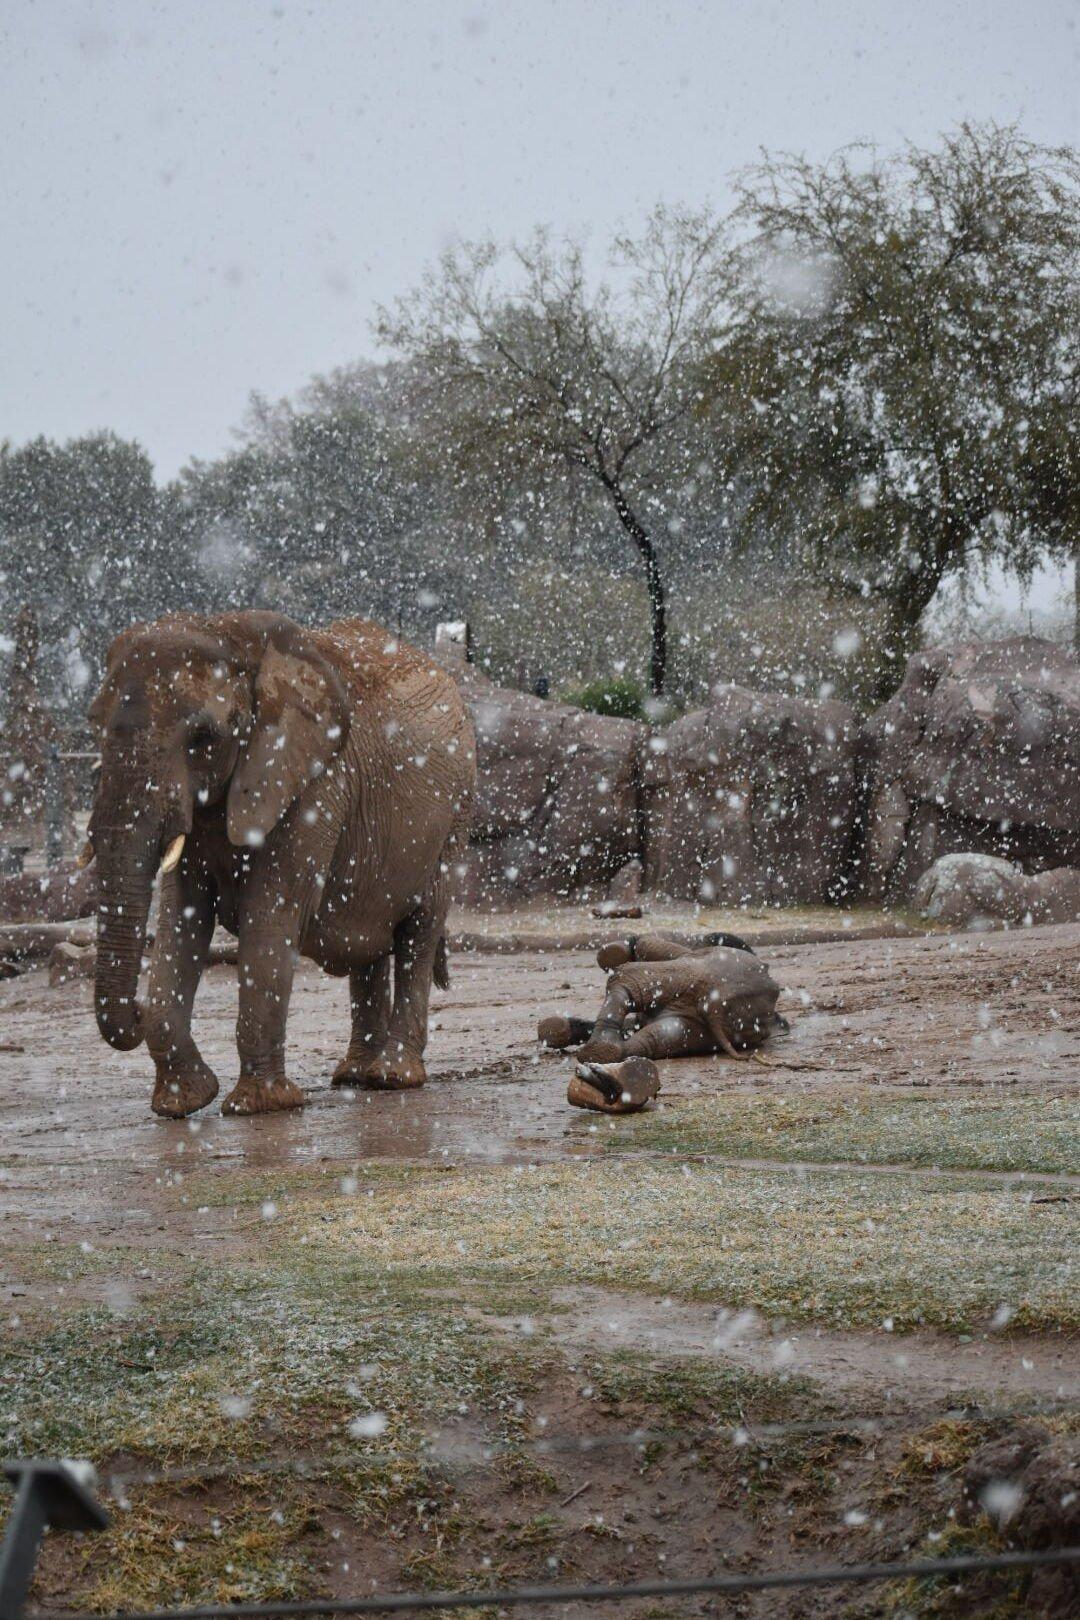 Reid Park Zoo elephants enjoy snow day